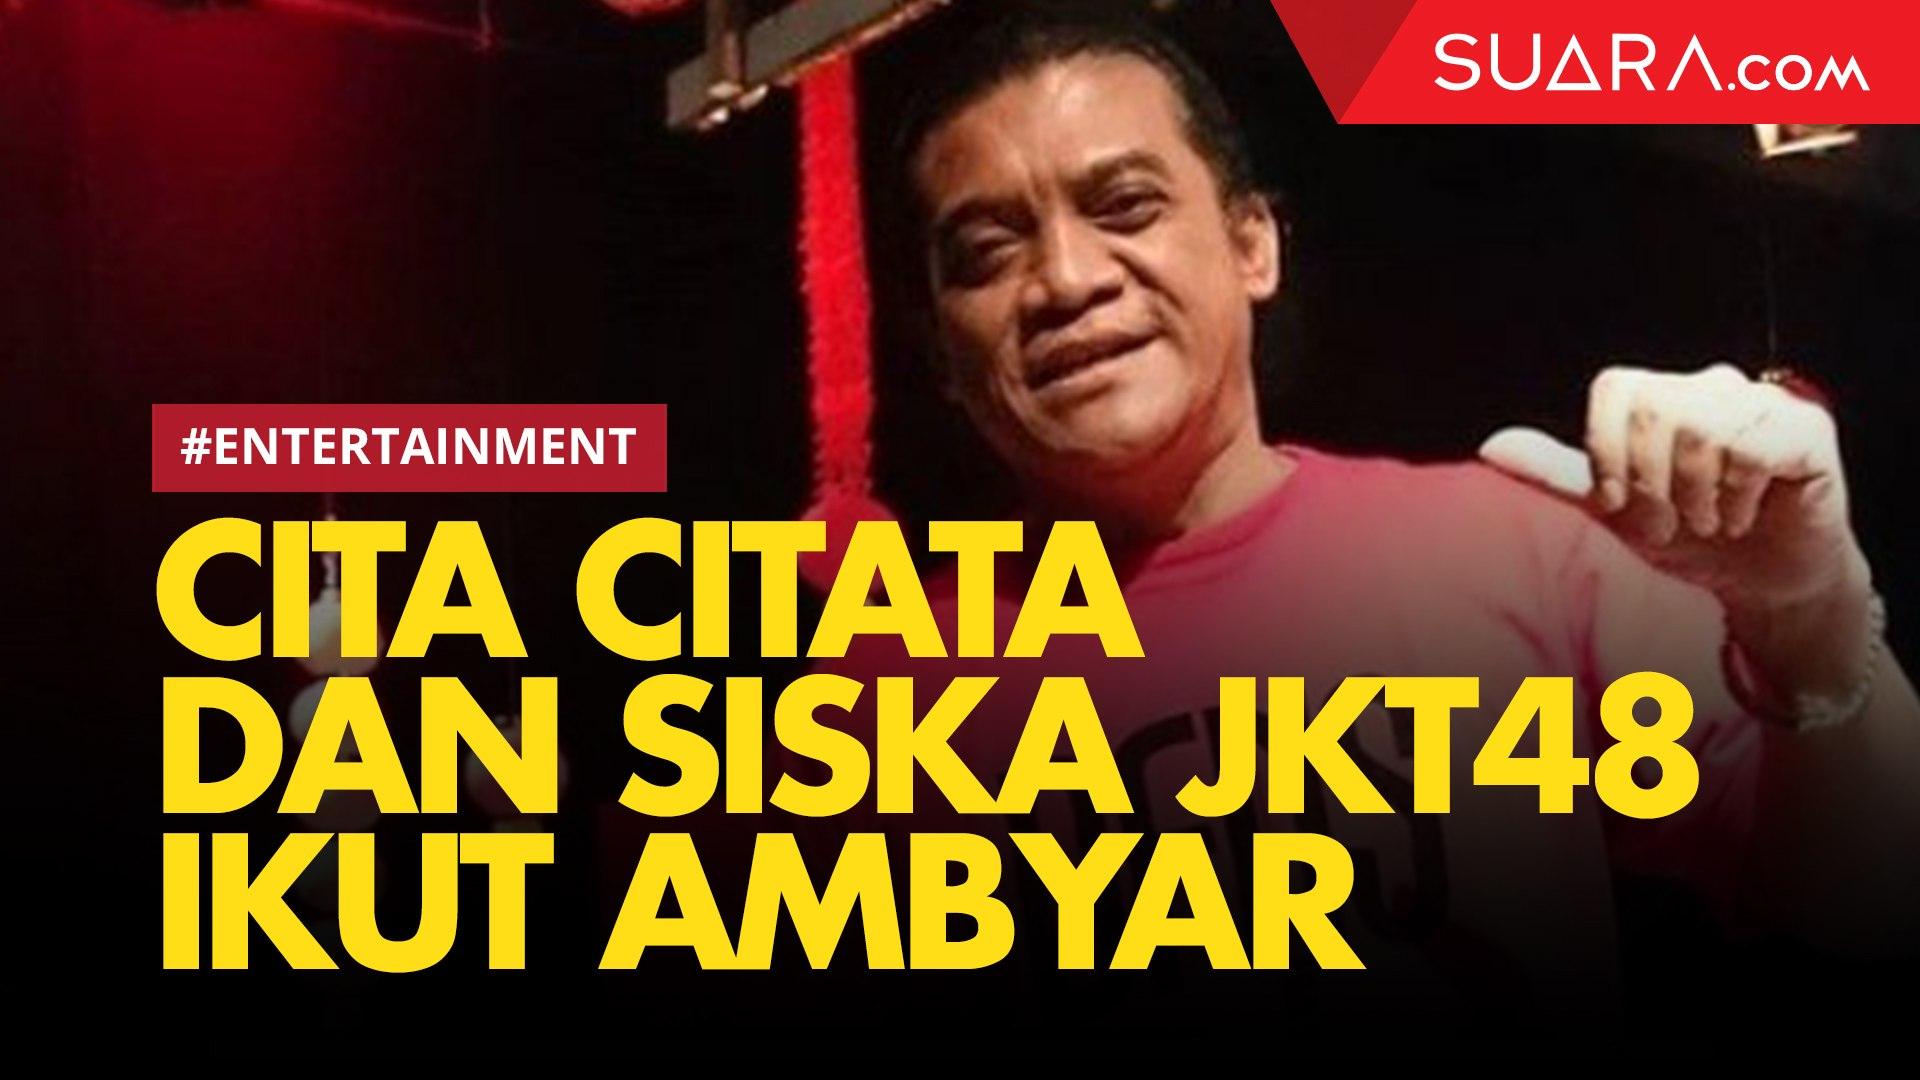 Cita Citata Dan Siska Jkt48 Meriahkan Konser Konangan Didi Kempot